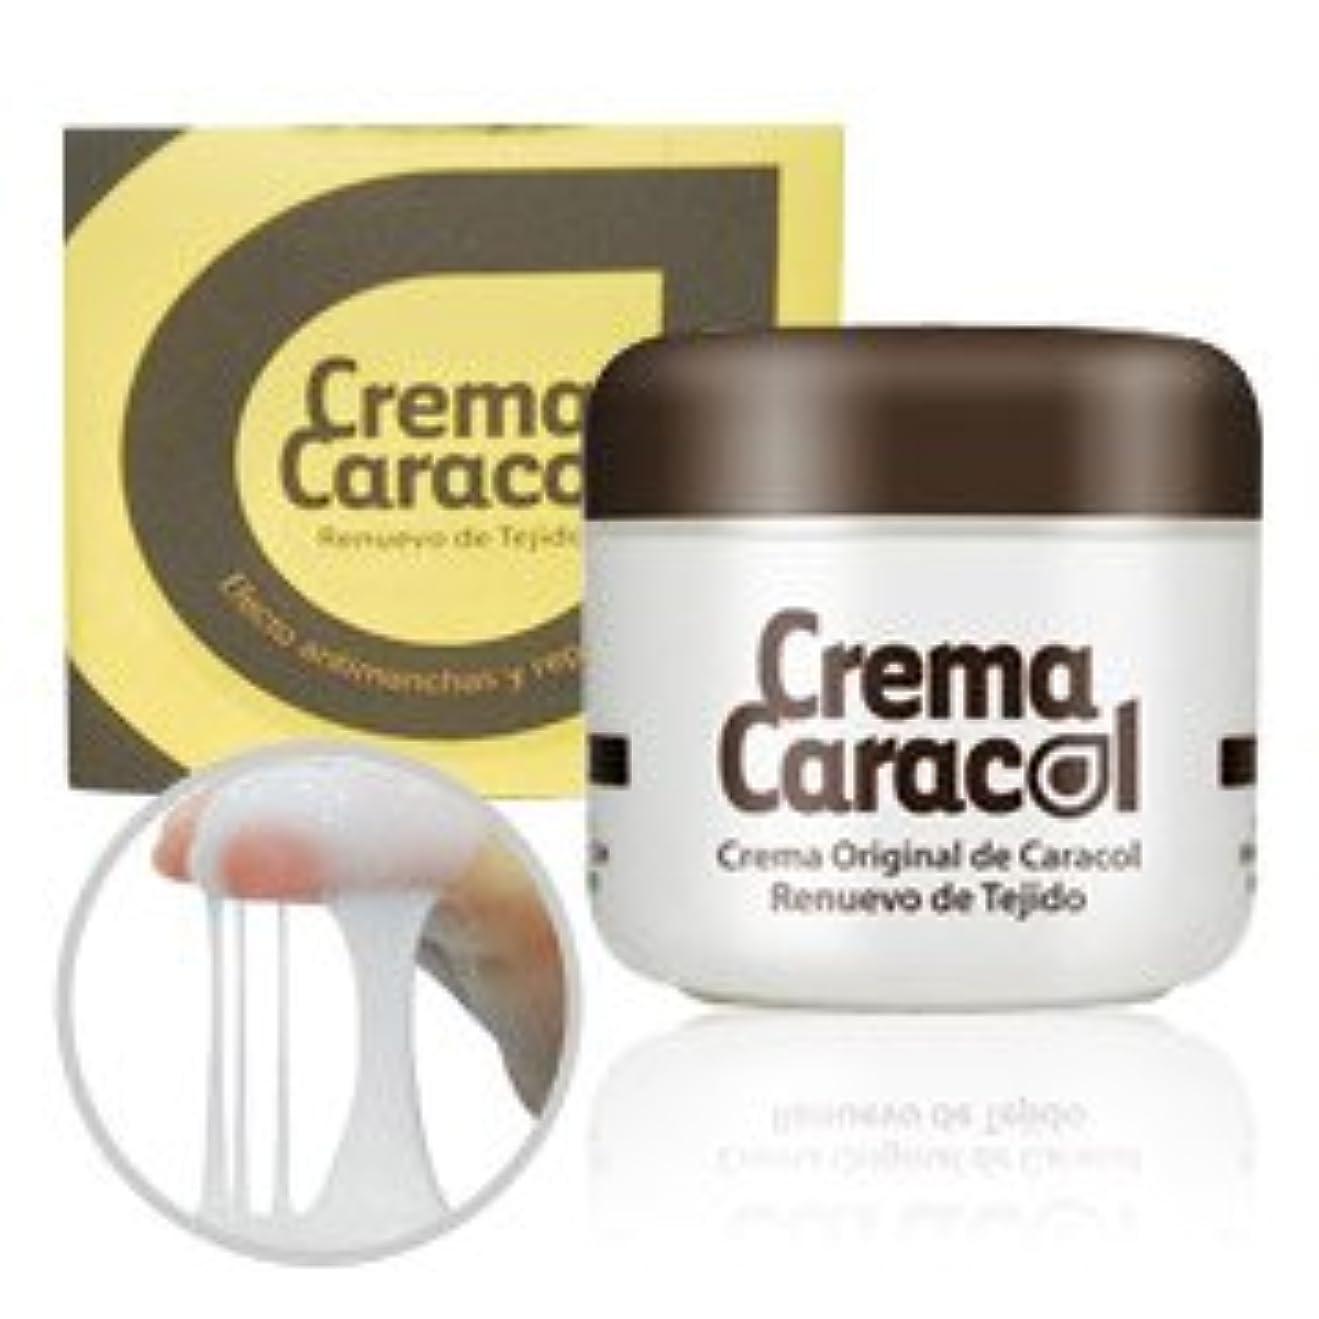 あいにく温かい回転crema caracol(カラコール) かたつむりクリーム 3個セット